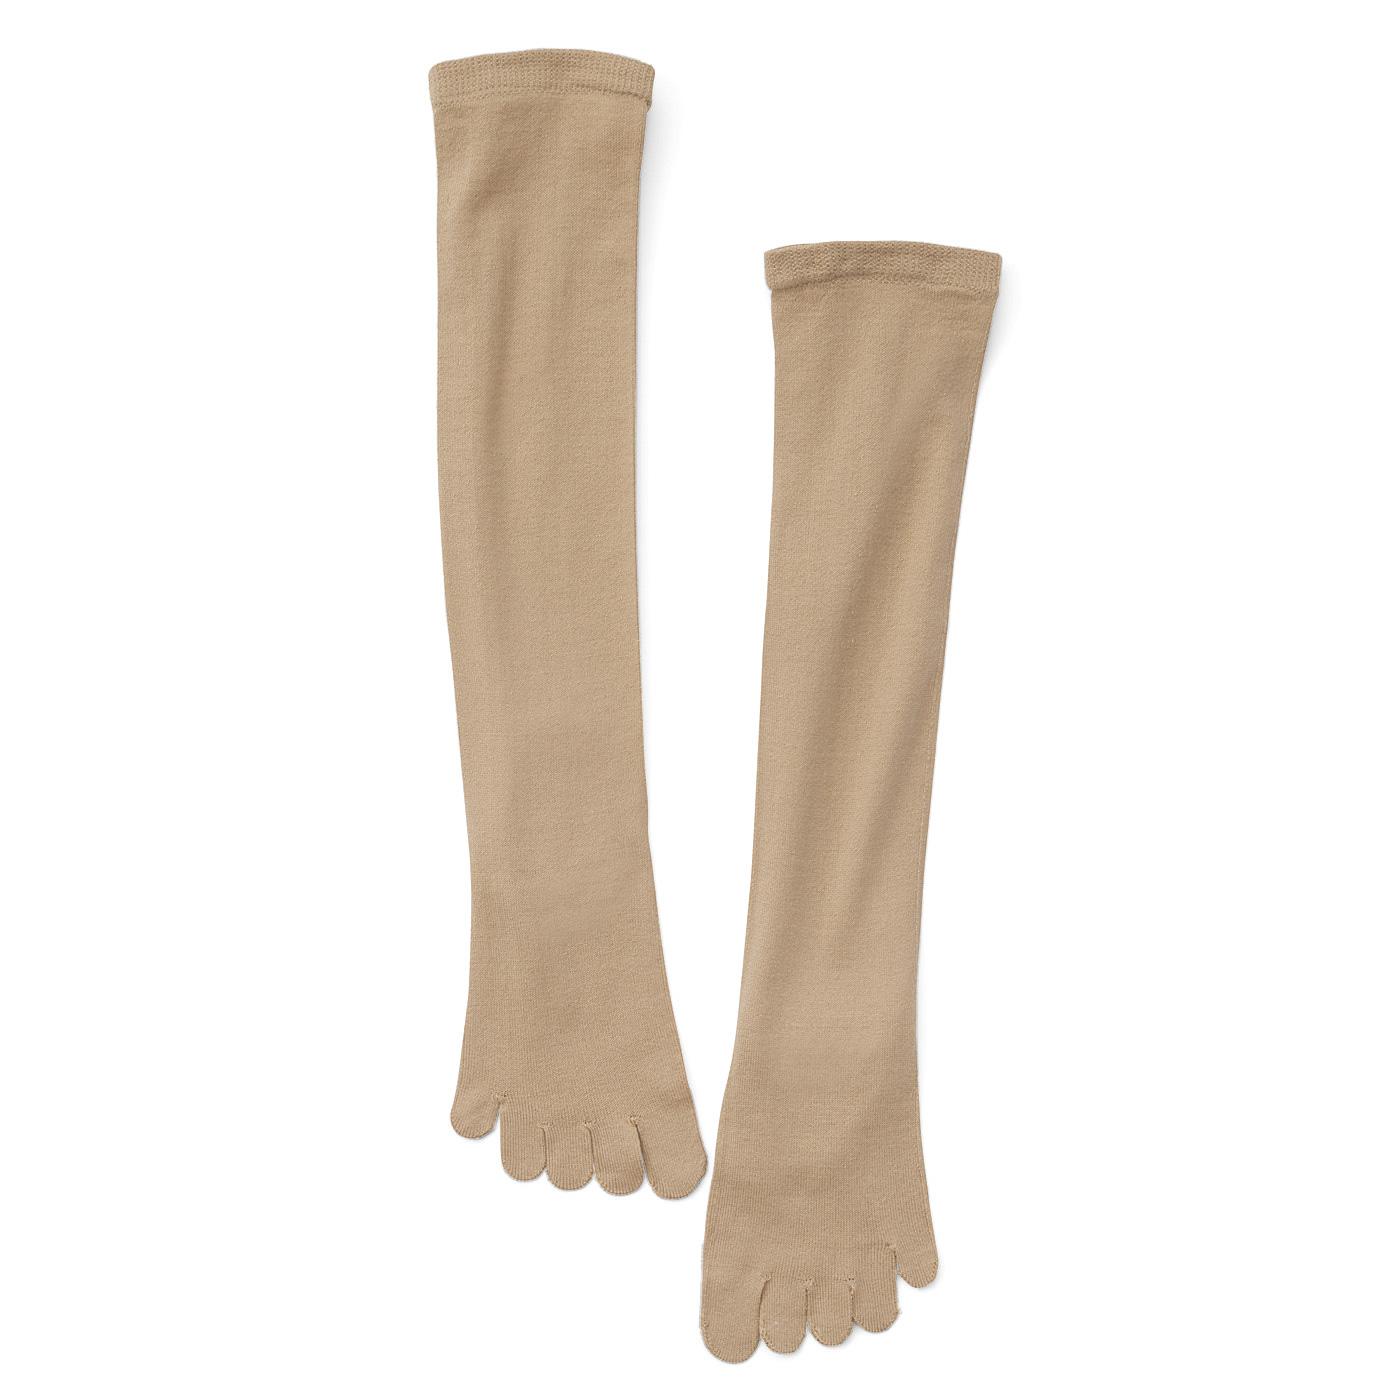 素肌のように見えるベージュで、お手持ちのストッキングに重ねて使用します。シルクが肌にふれるよう編み立てた、ずり落ちにくいひざ下丈。